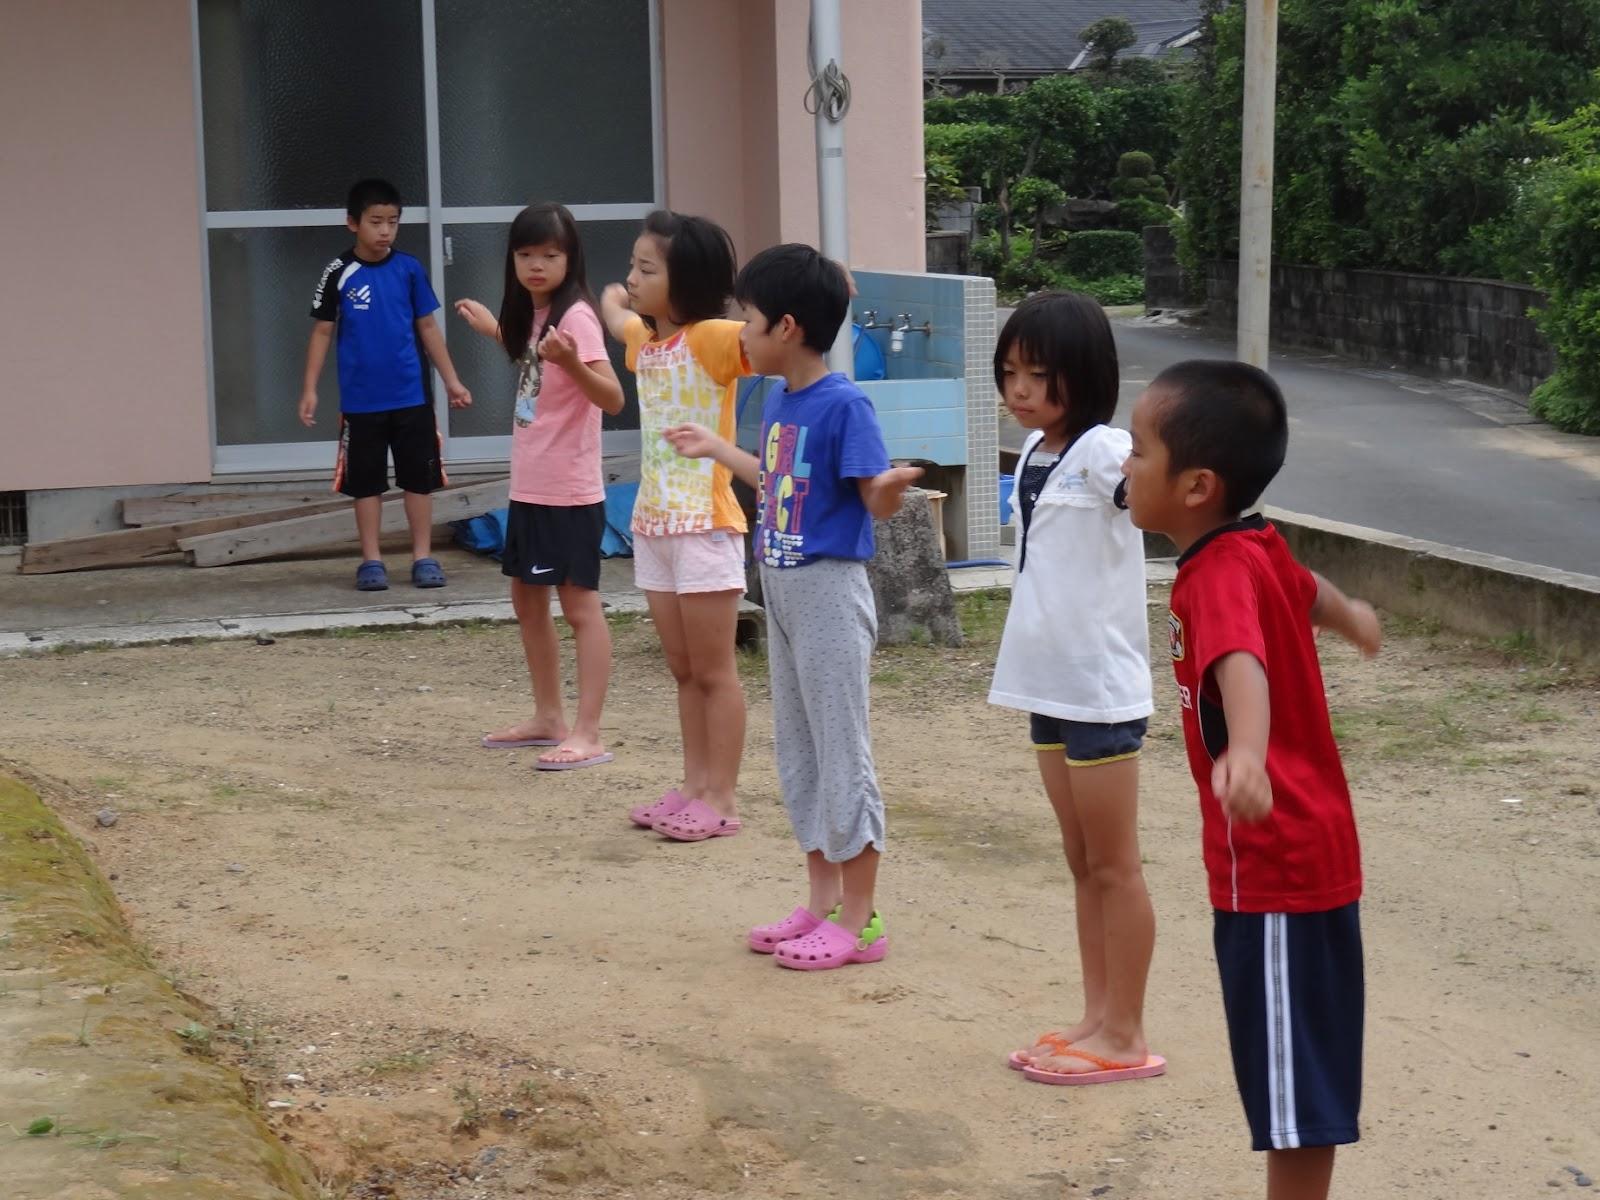 ゆらい木: 朝のラジオ体操 ゆらい木 奄美市立屋仁小学校PTAのブログ...  朝のラジオ体操